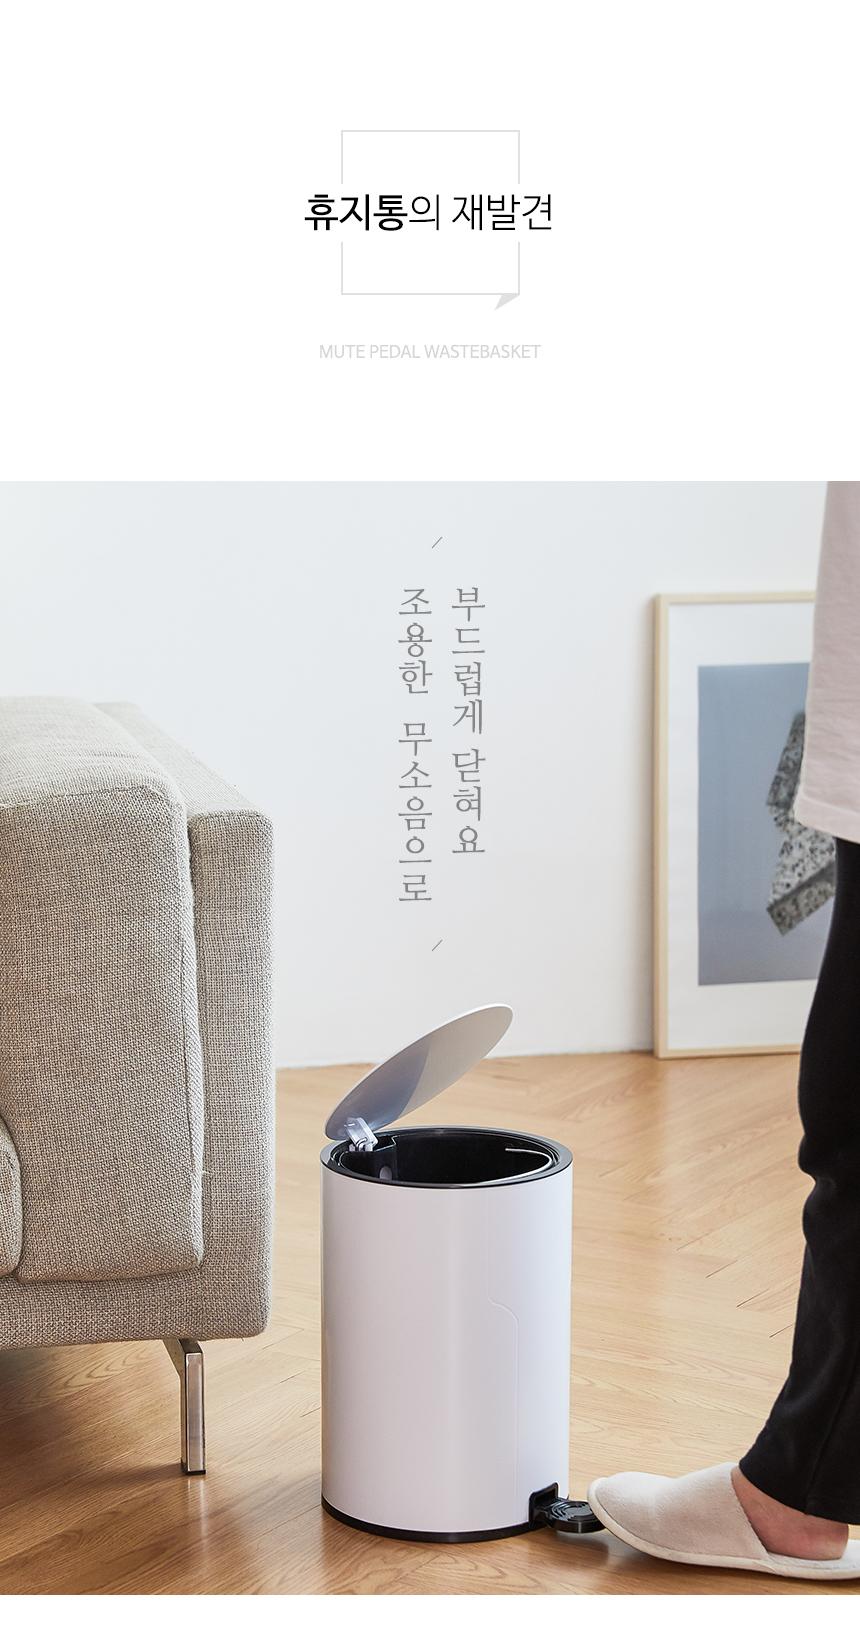 모던데일 무소음 페달 휴지통 8L - 더홈, 21,900원, 휴지통, 휴지통